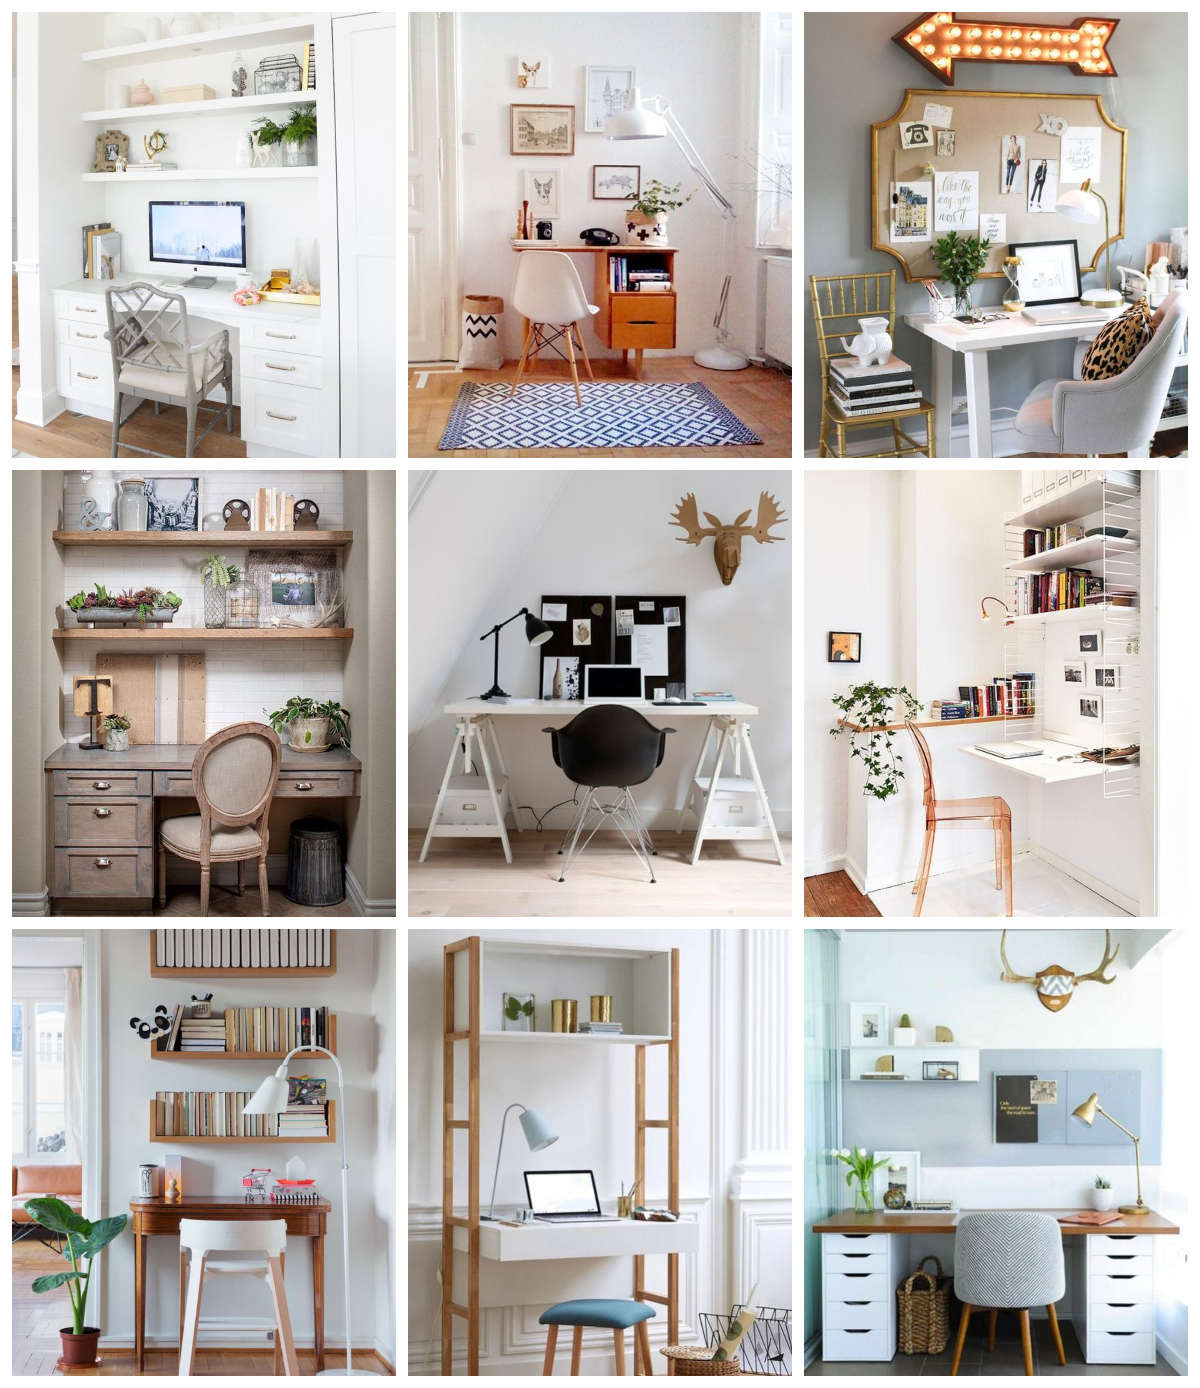 home_office_dolgozoszoba_iroasztal_lakberendezes_dolgozo_sarok_design_stilus_otthon_8.jpg